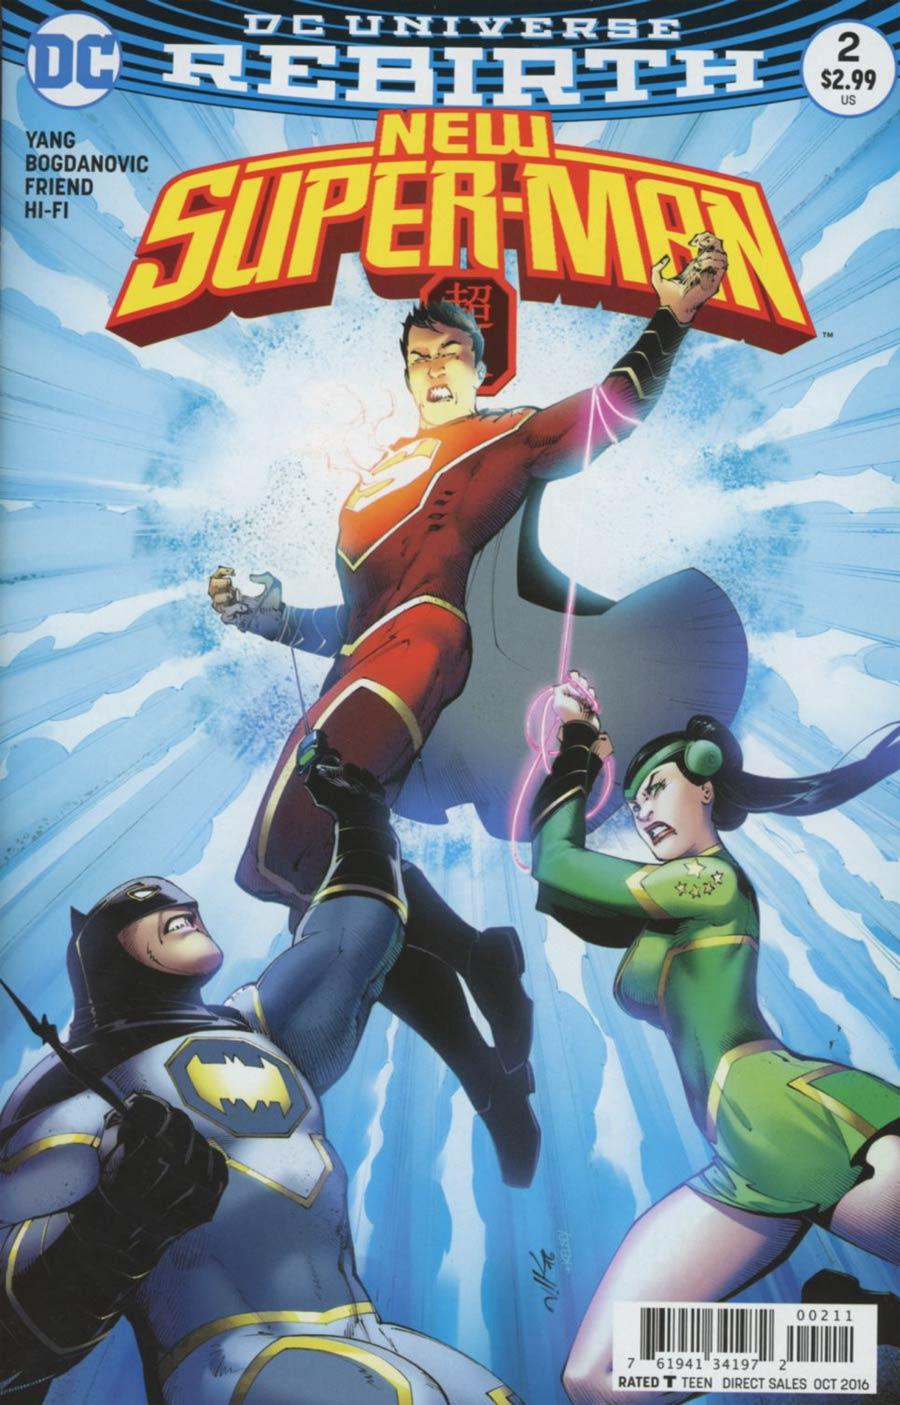 New Super-Man #2 Cover A Regular Viktor Bogdanovic Cover